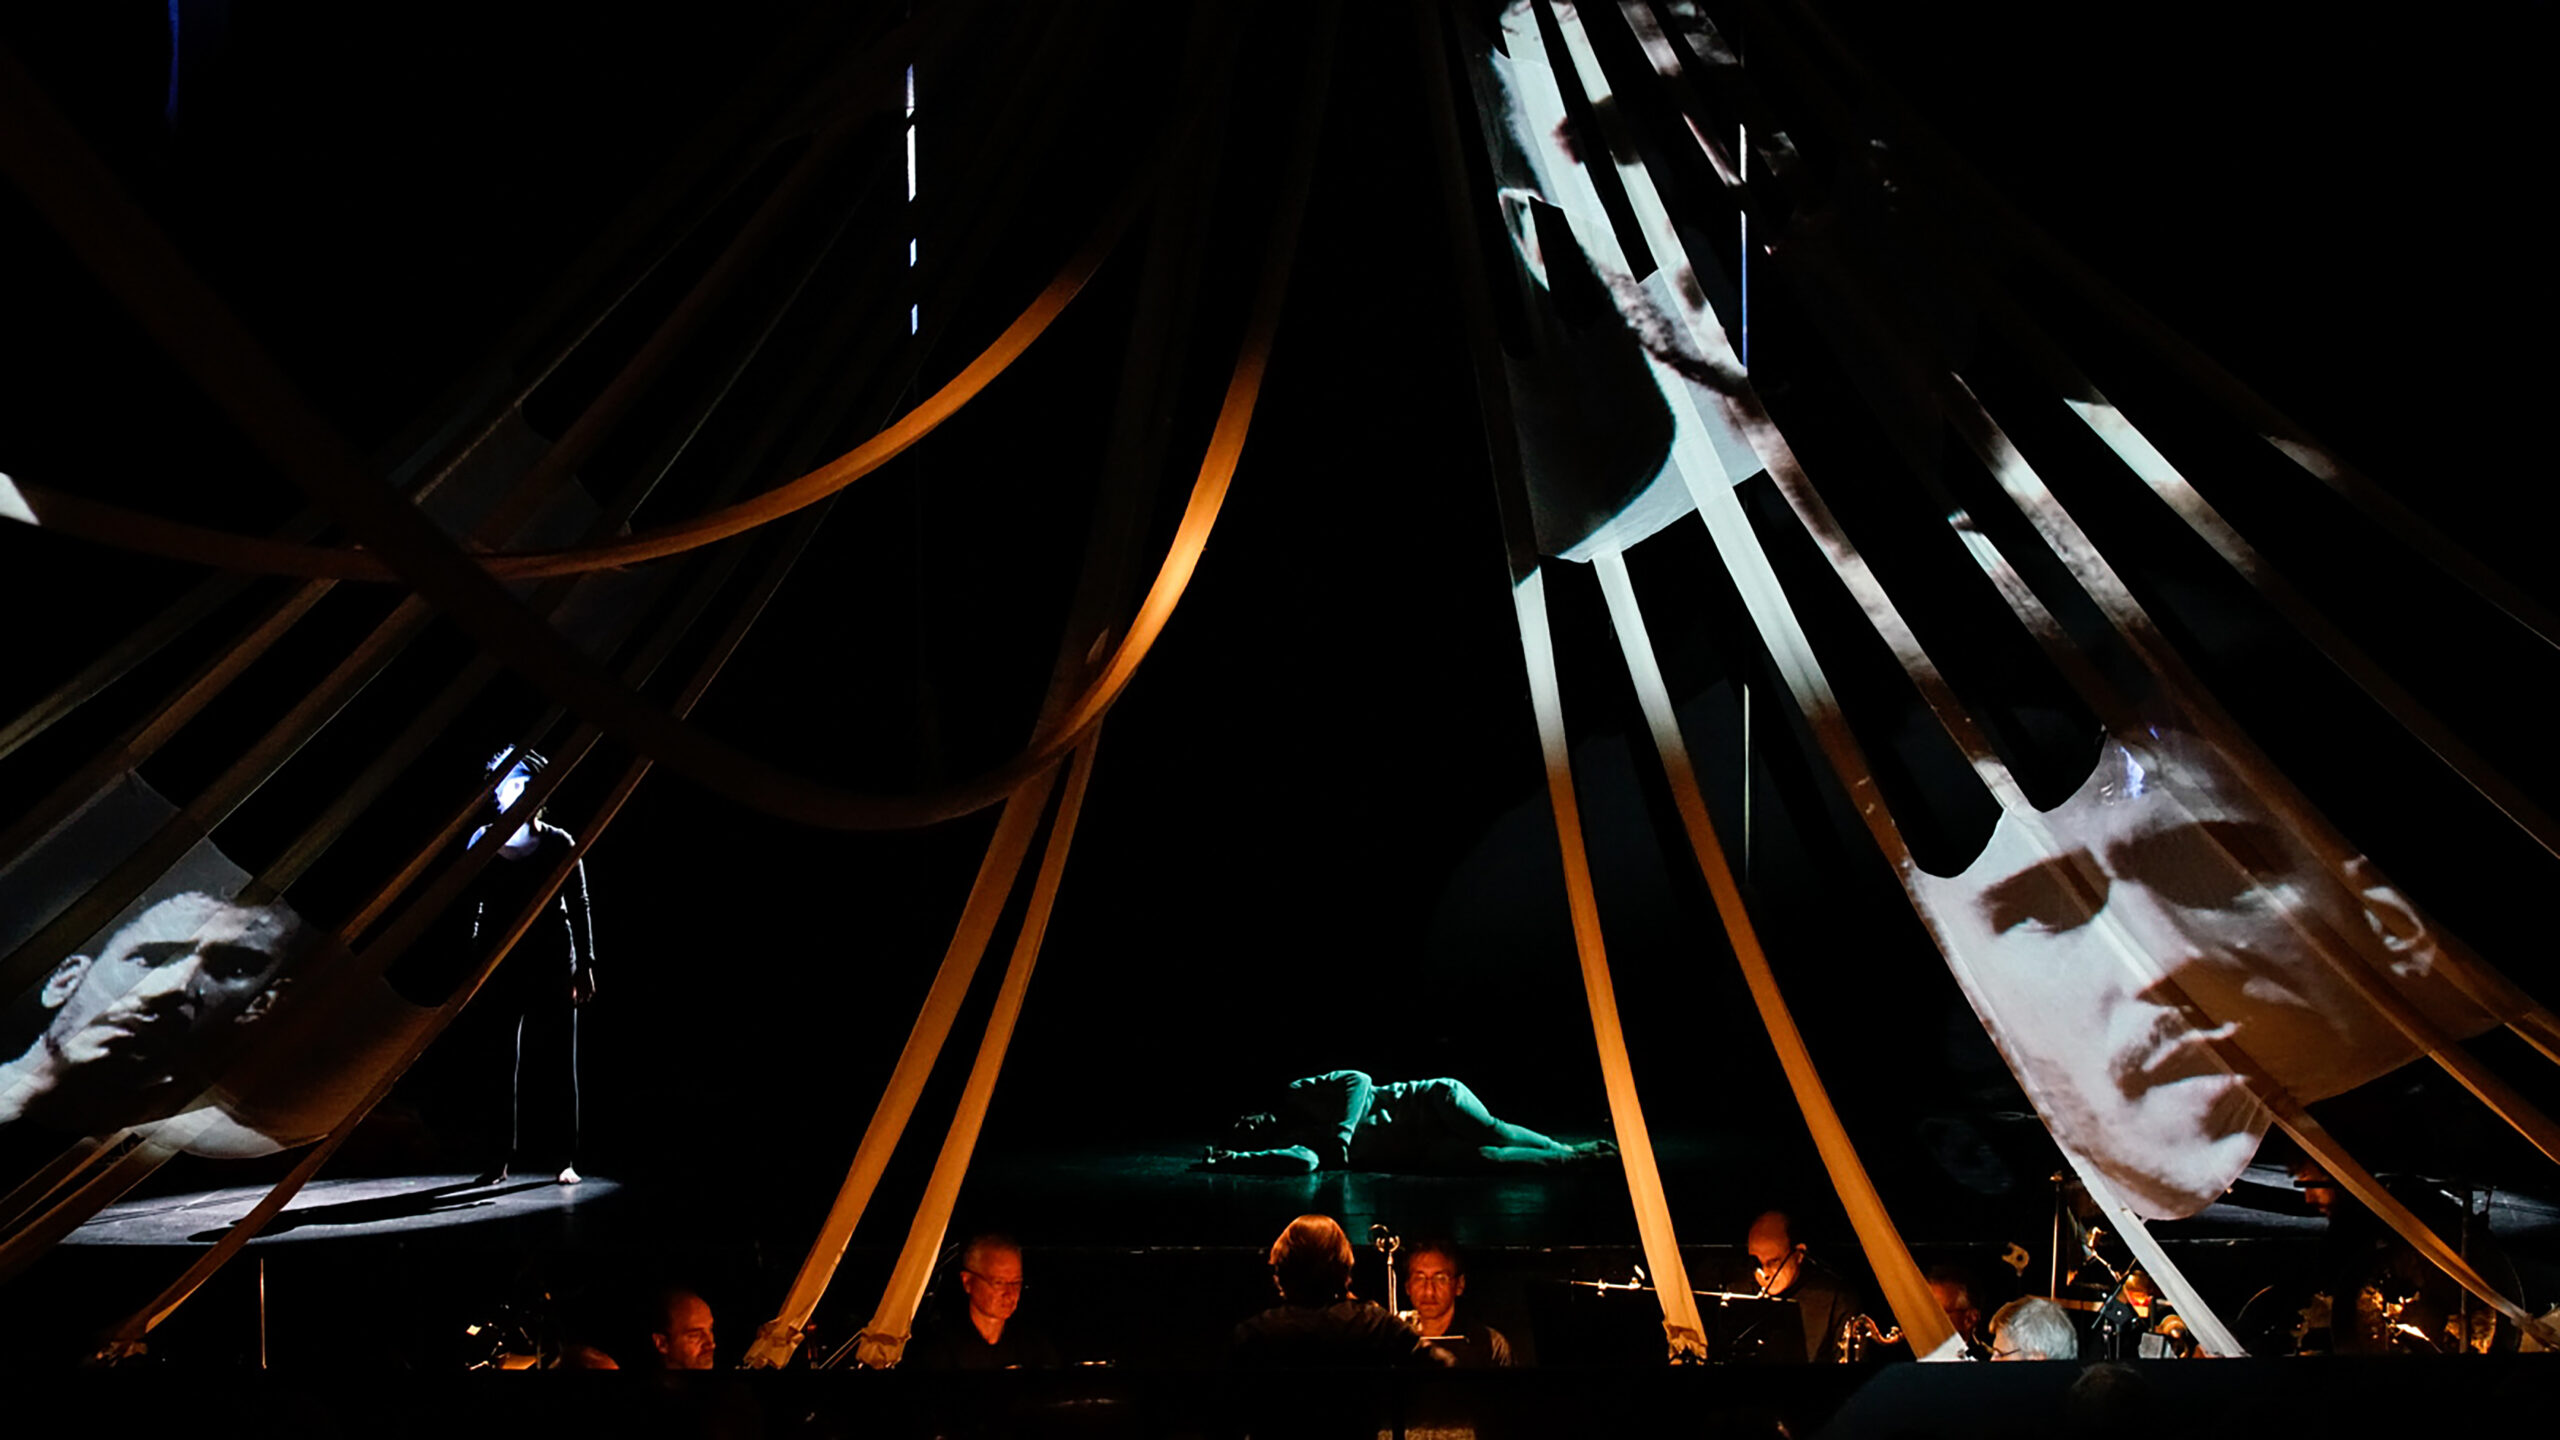 La Stessa Barca - La Biennale di Venezia, Biennale College Musica 2017.